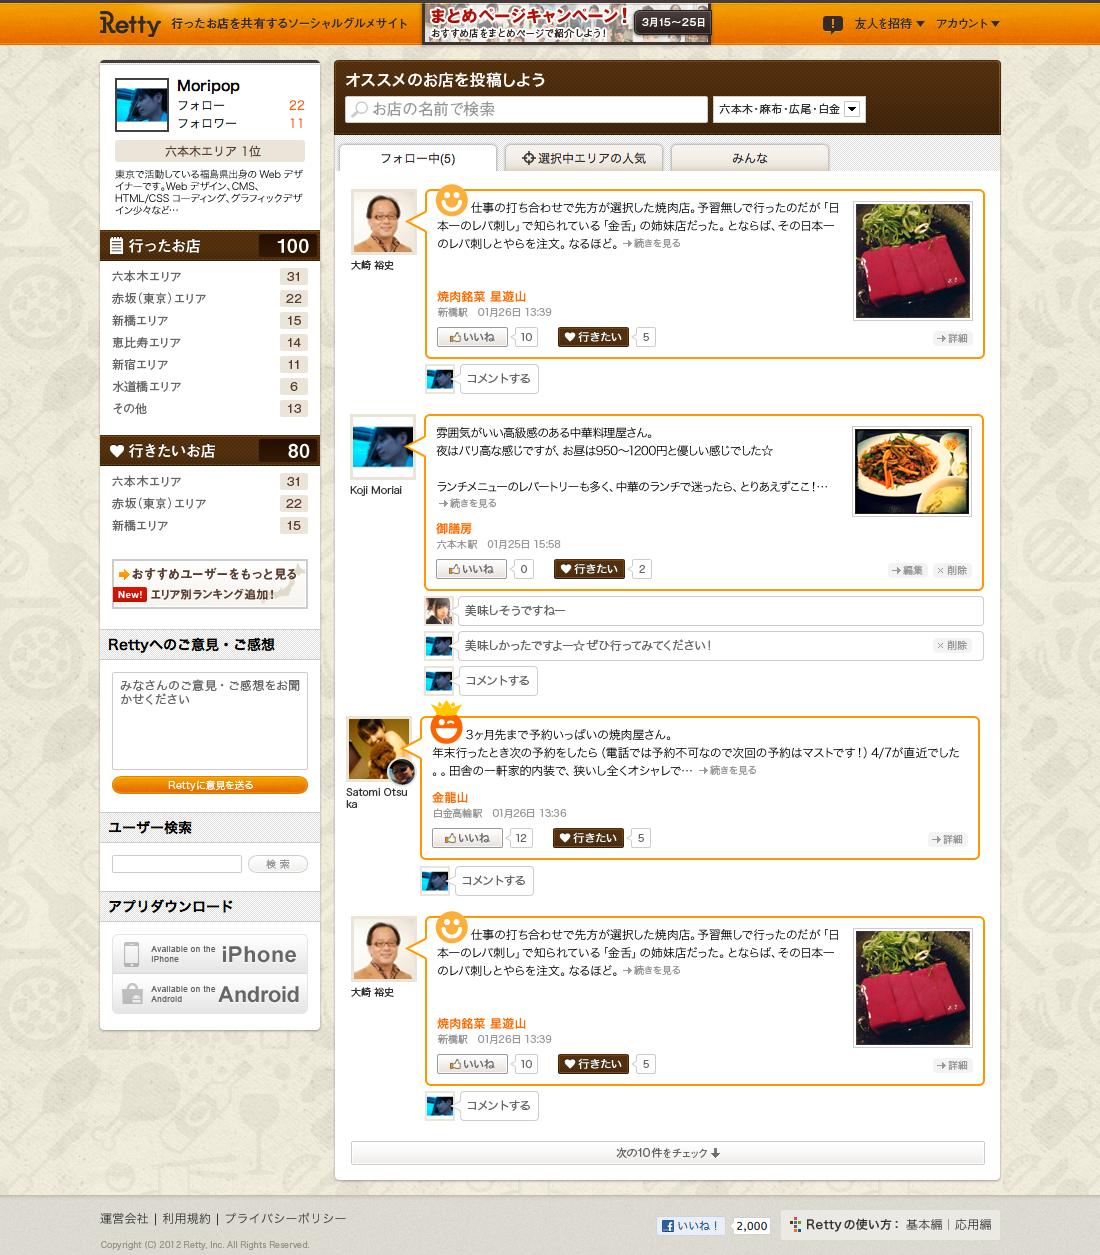 「行ったお店」「行きたいお店」のリストが見やすくなったPC版のホーム画面